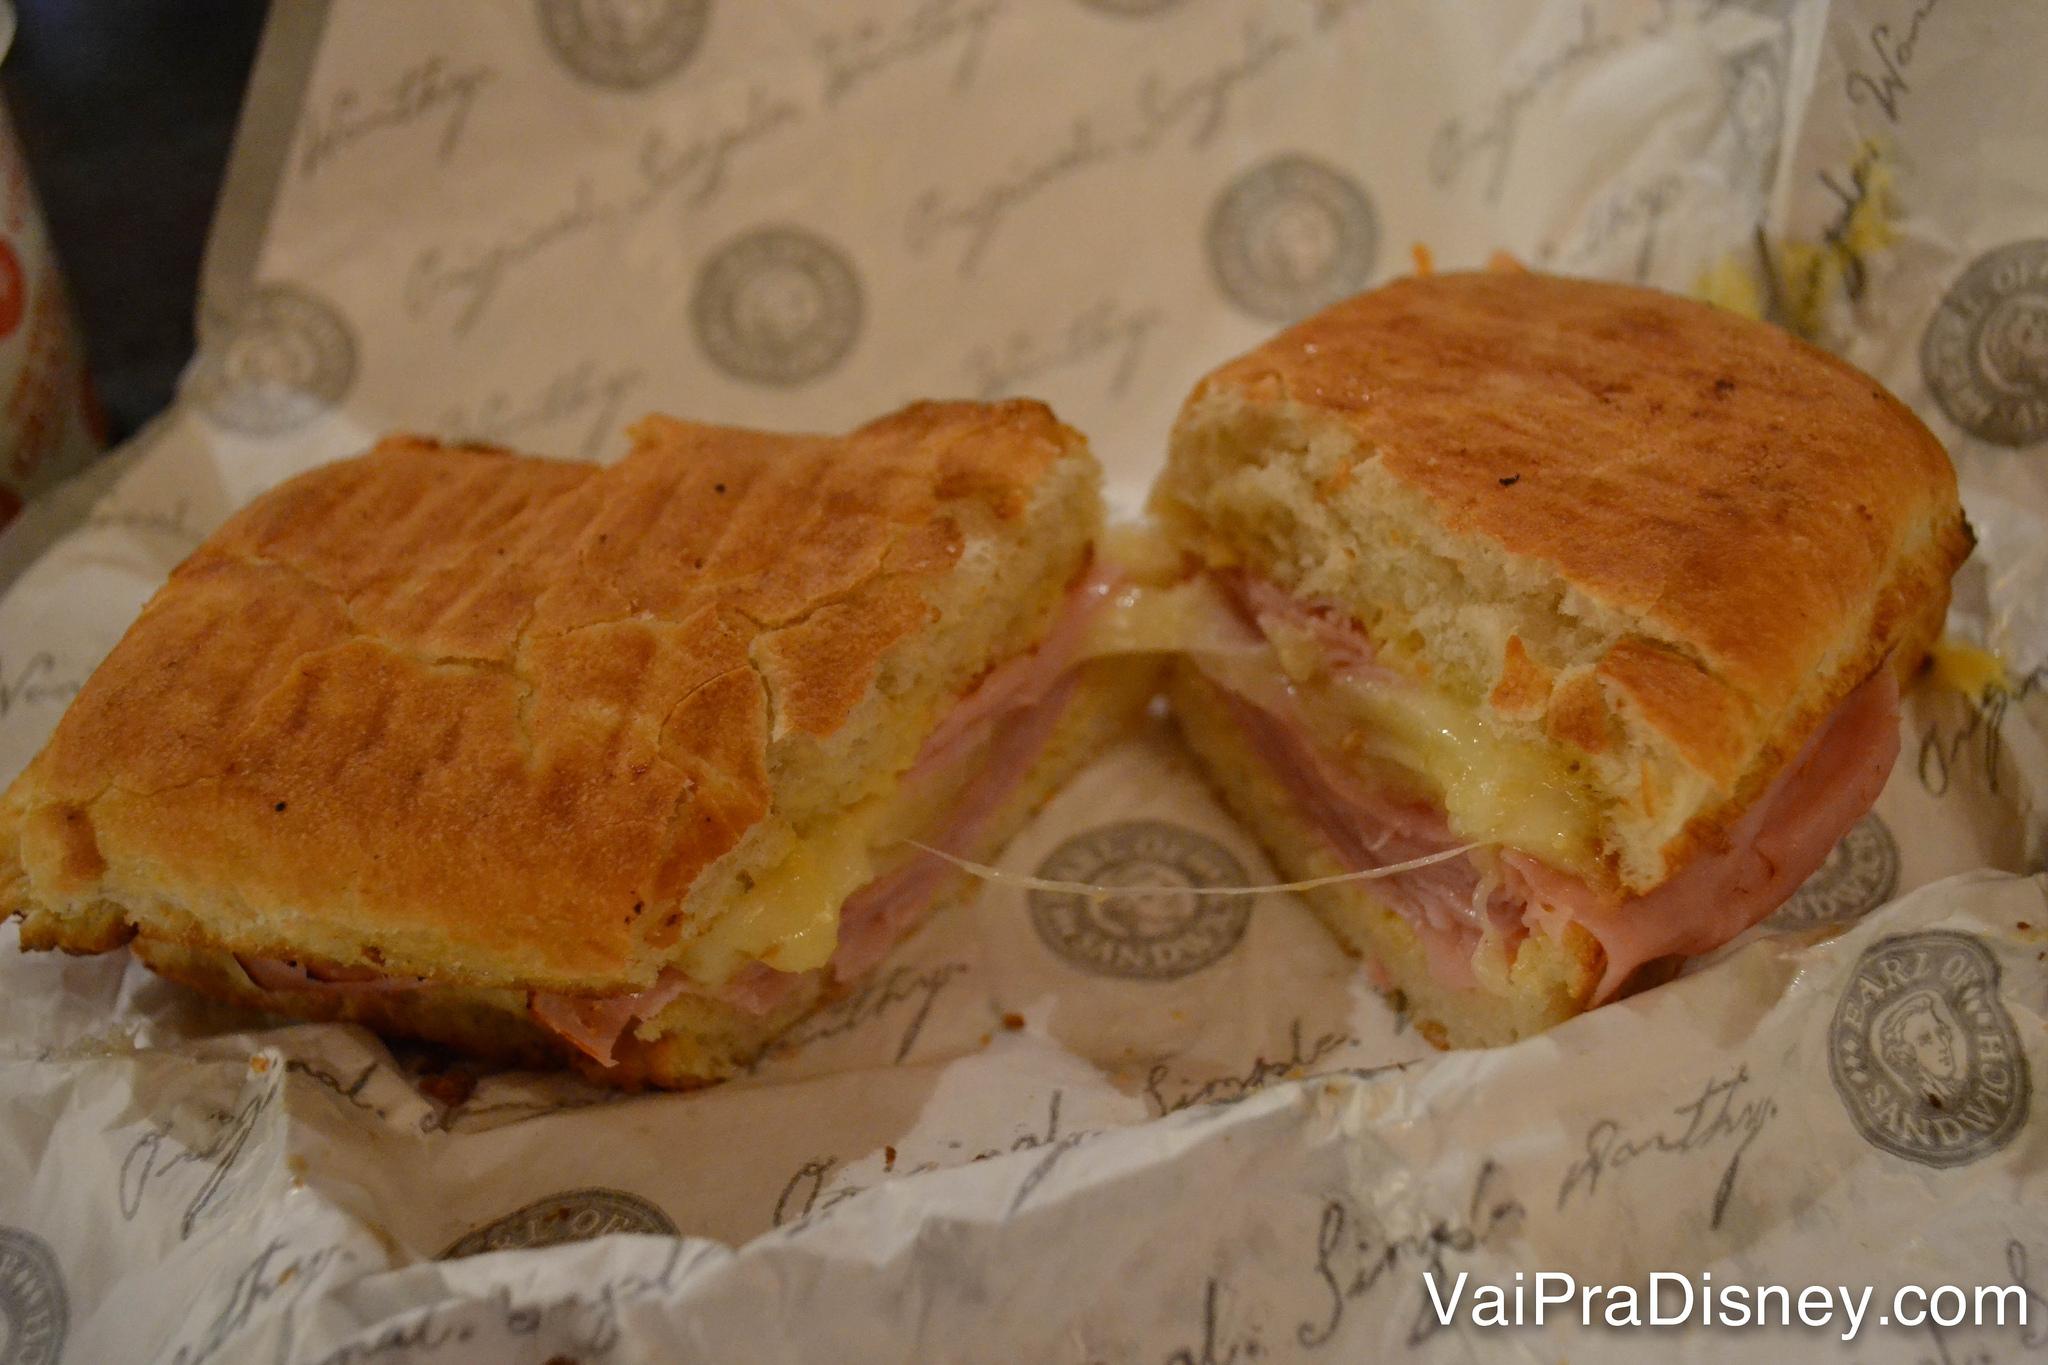 Sanduíche perfeito com presunto bem fininho, do jeito que eu gosto. Isso sem falar nas sopas deliciosas! O Earl of Sandwich é um achado no Disney Springs!